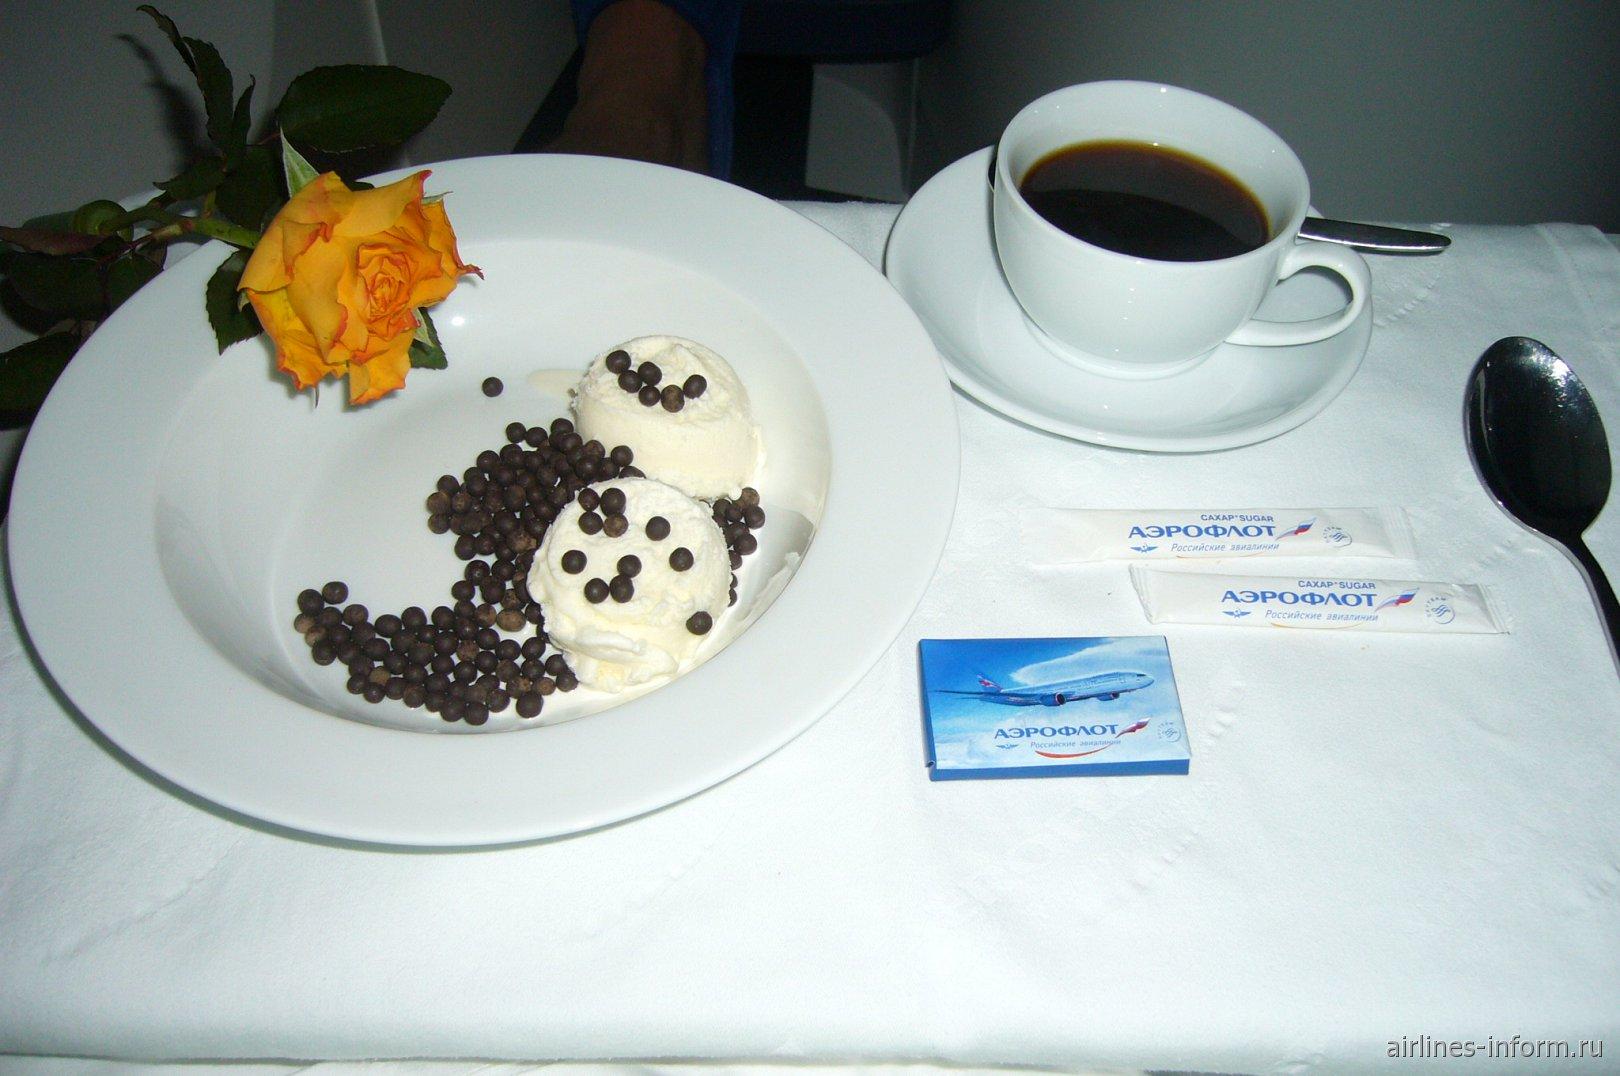 Аэрофлот, Десерт, Россия, дальняя магистраль